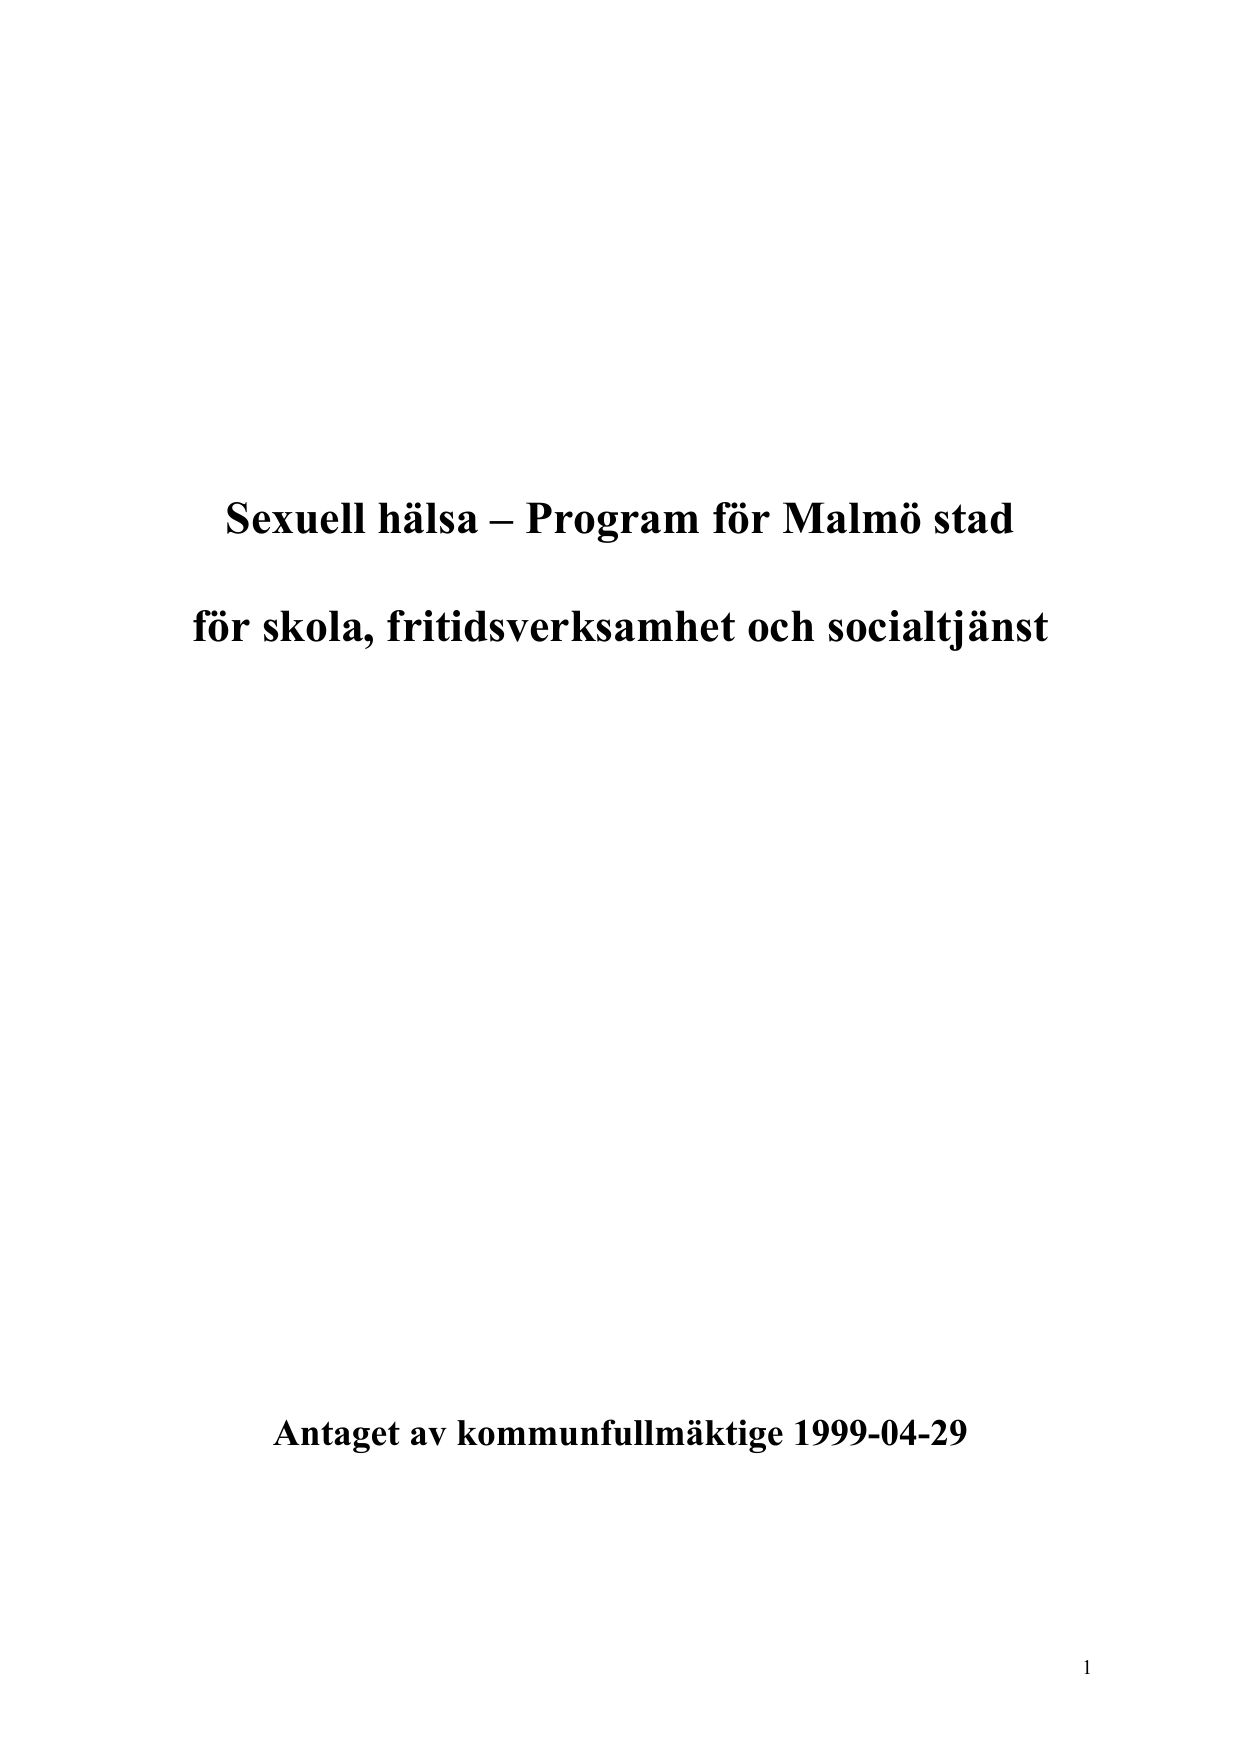 Sexuell hälsa ¬ Program för Malmö stad för skola f0939fbc1ea95